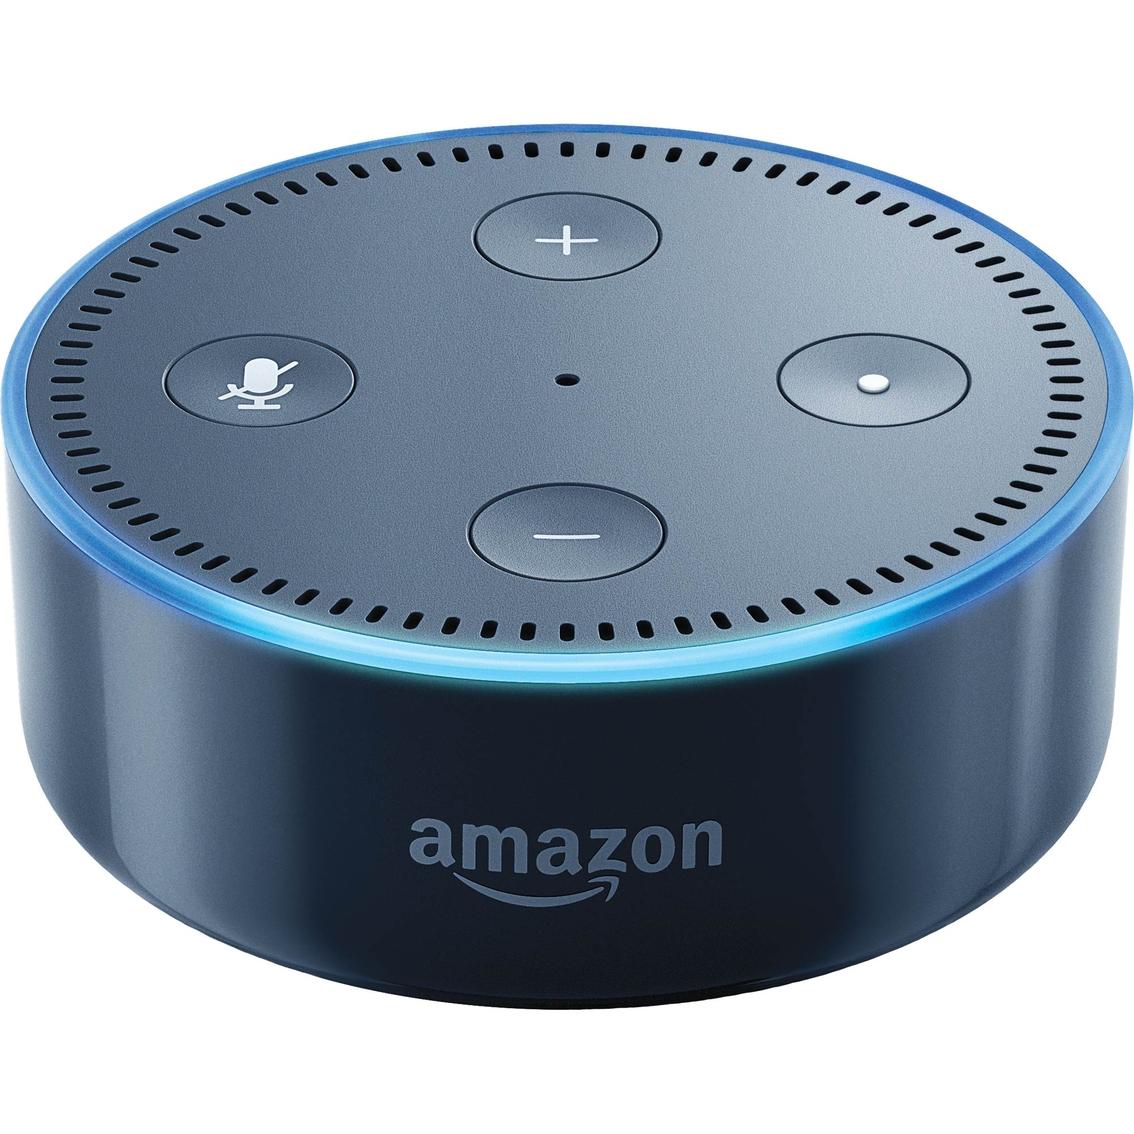 2d412bde1d463 Amazon Echo Dot | Portable Speakers | Electronics | Shop The Exchange